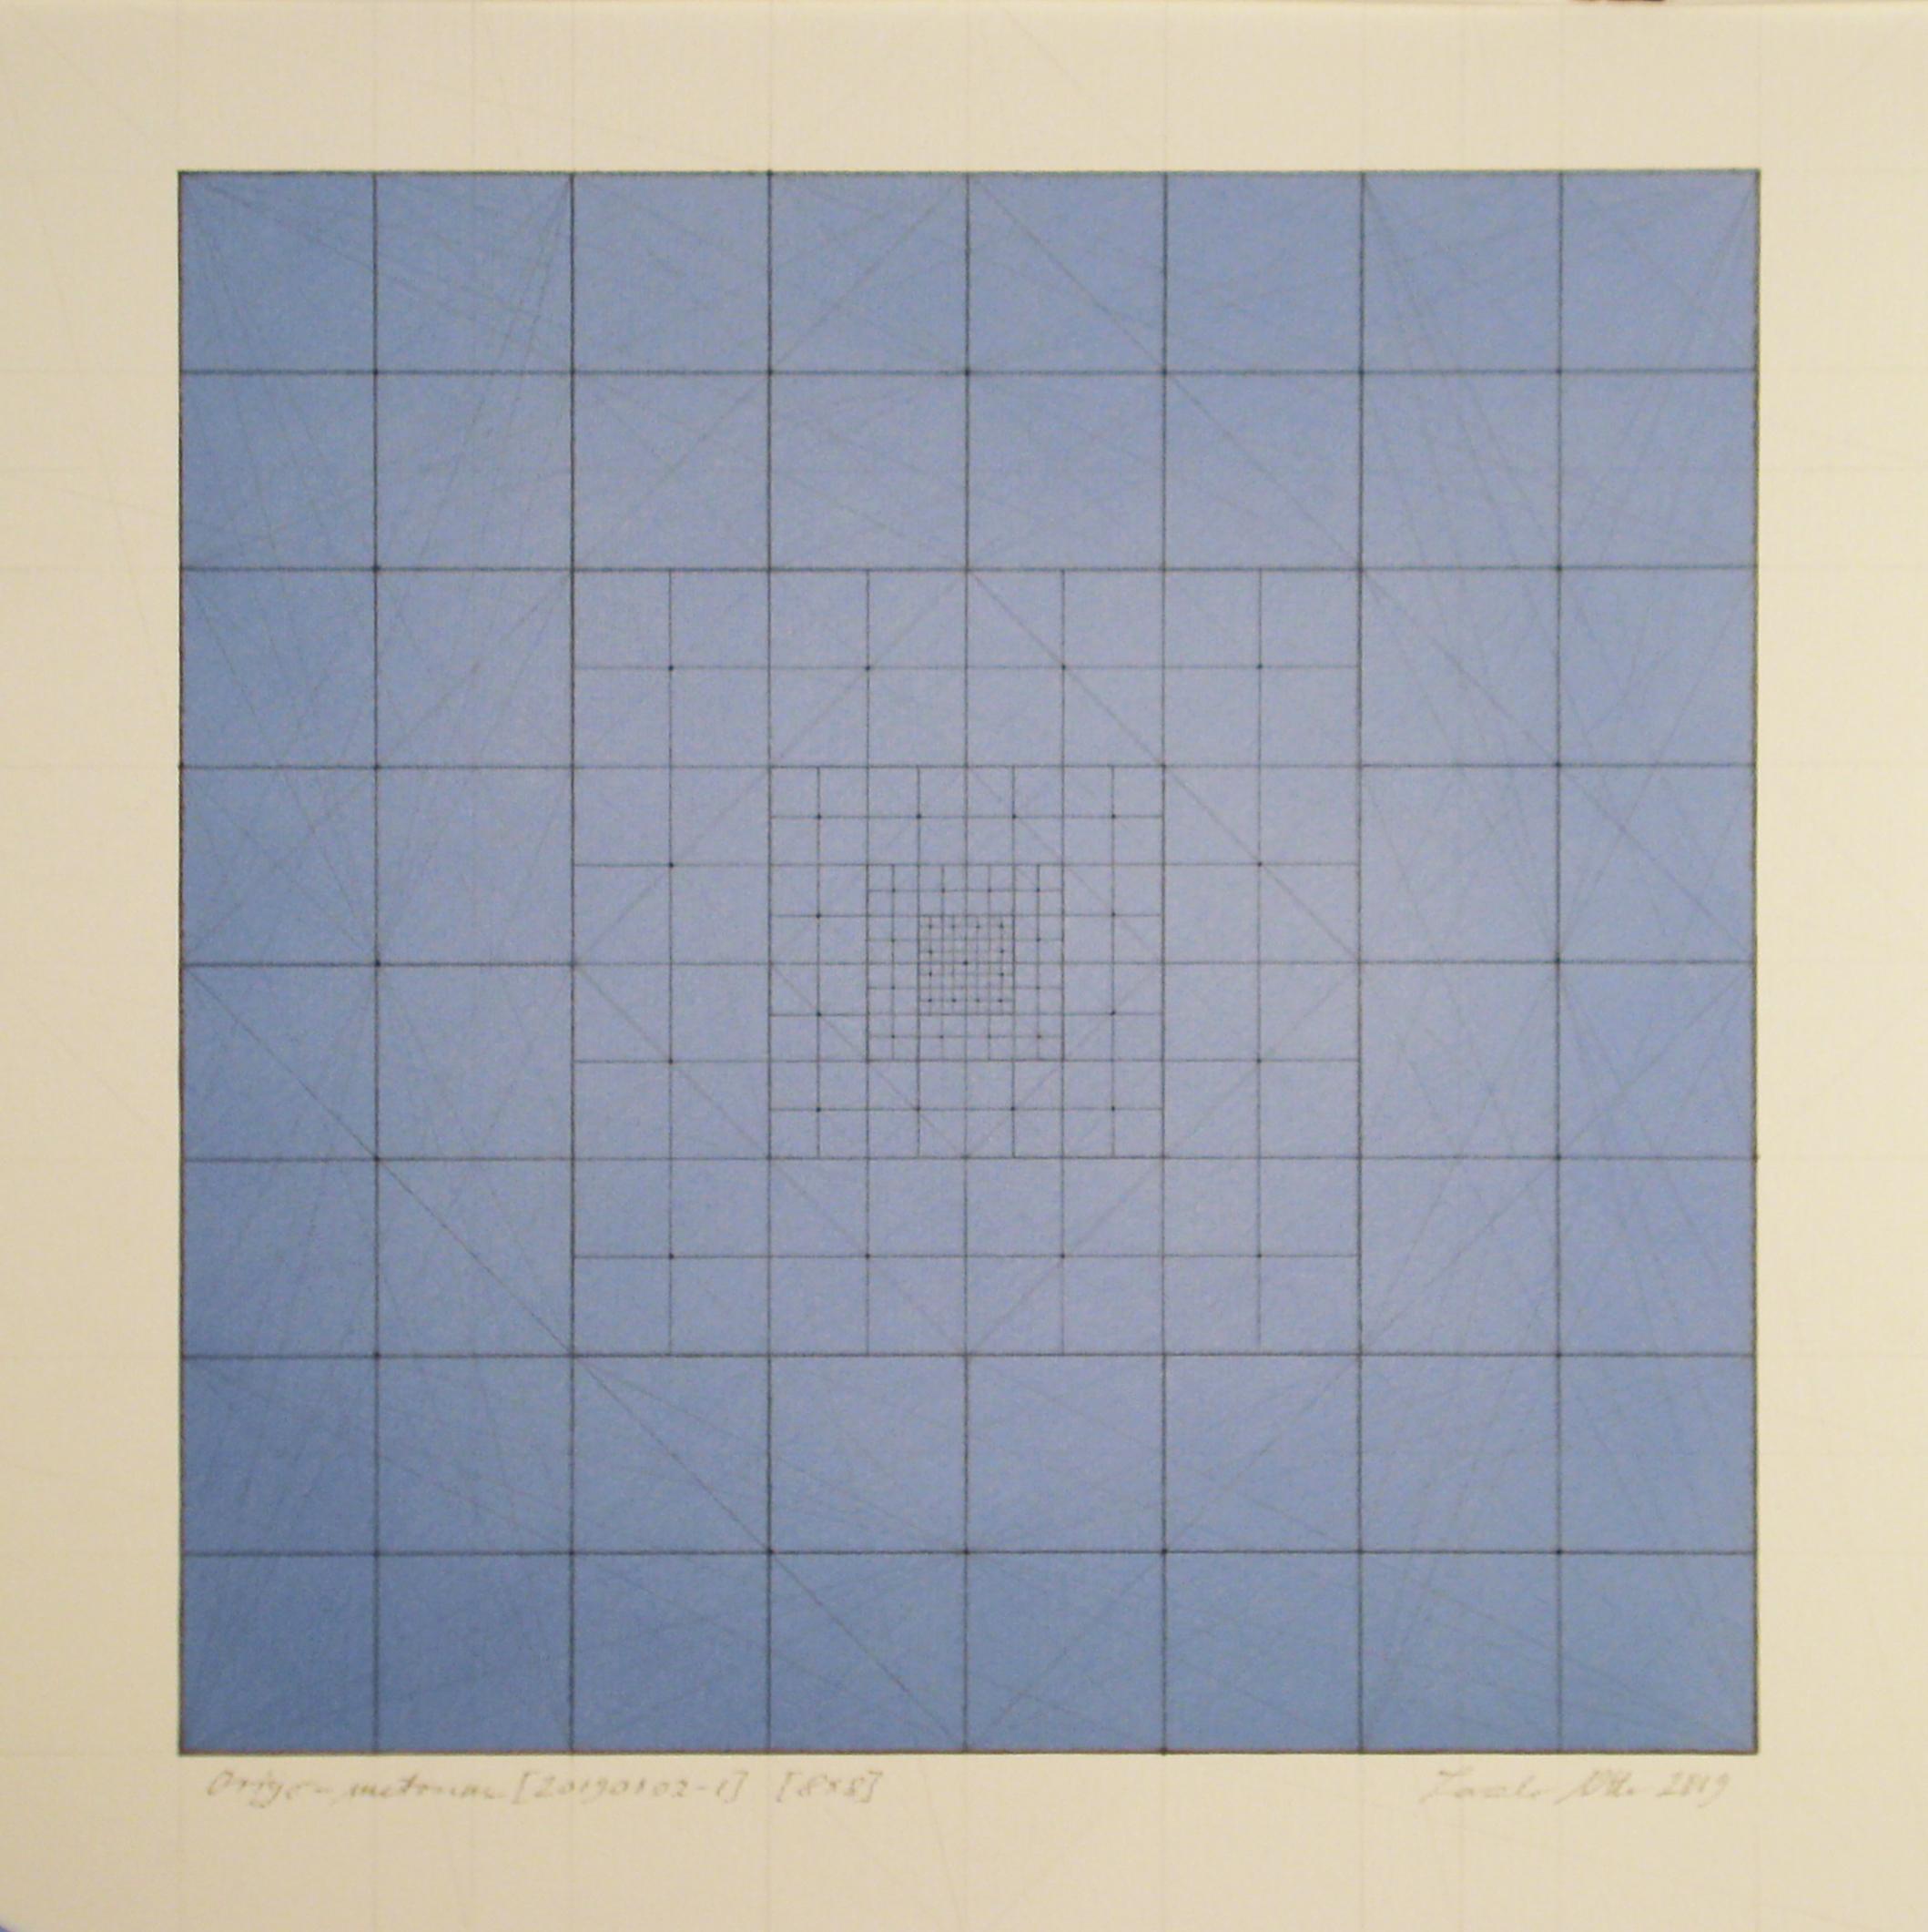 Origo-metrum [20190102-1], pencil on paper, color pigment, 17 3/4 x 17 3/4 in. [45x45cm]